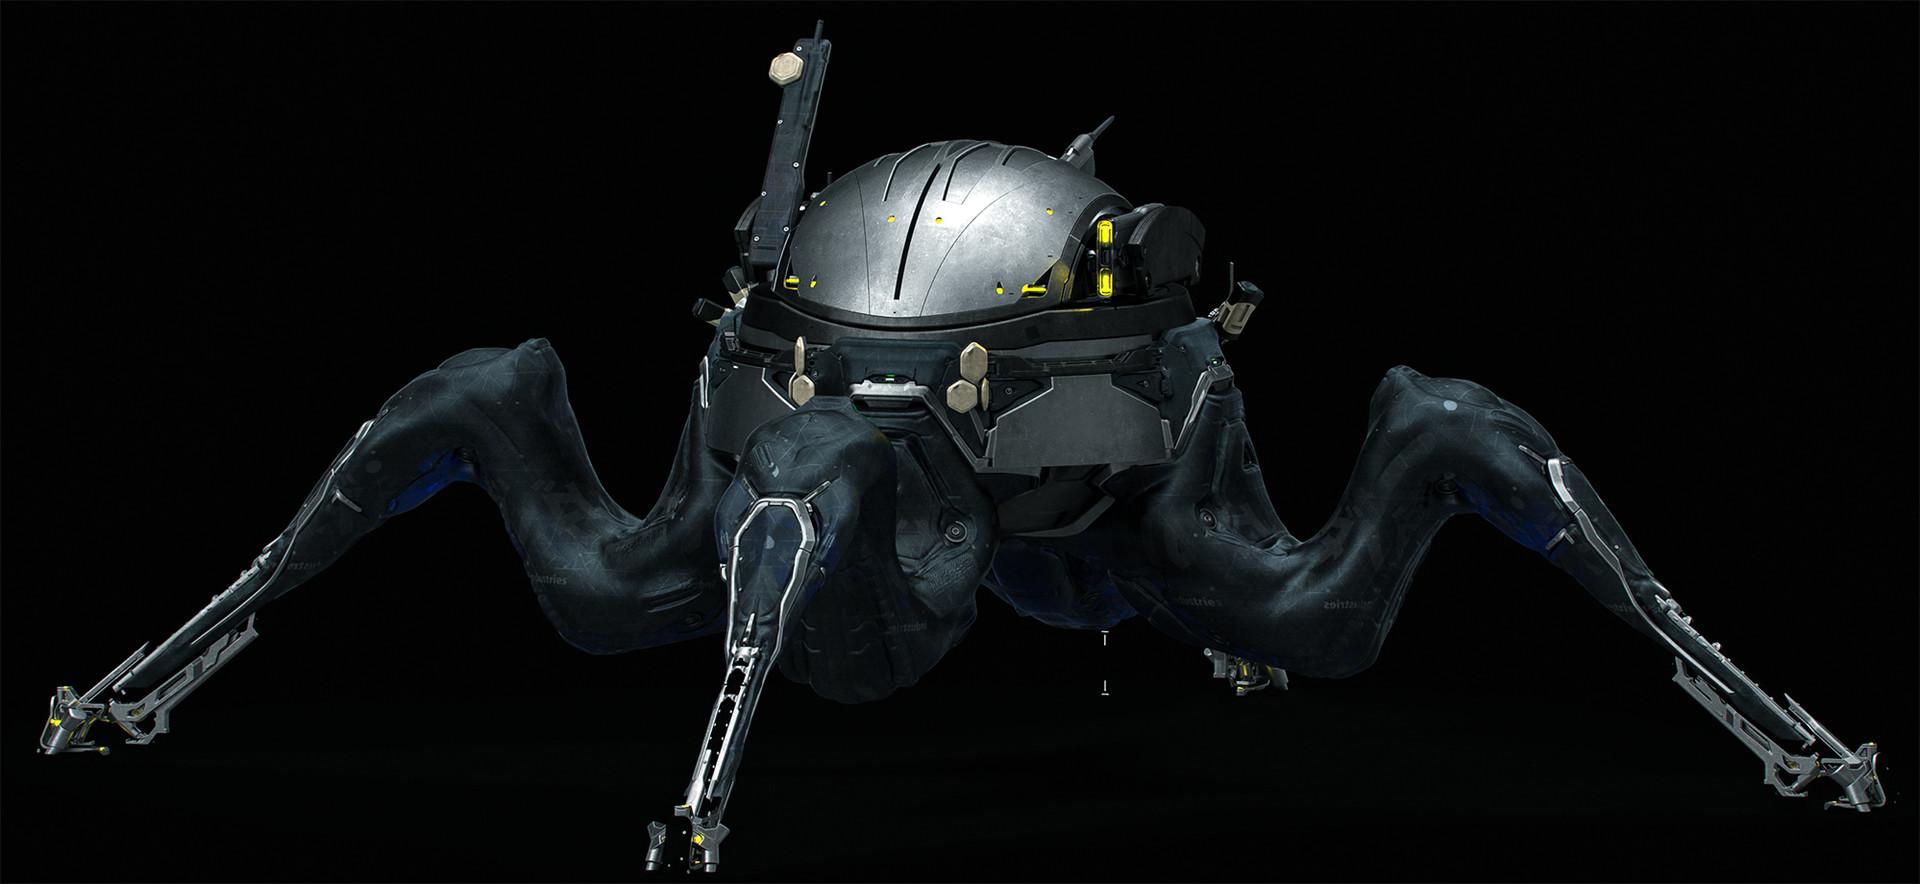 Alex senechal quad robotr7 angry ortho 146